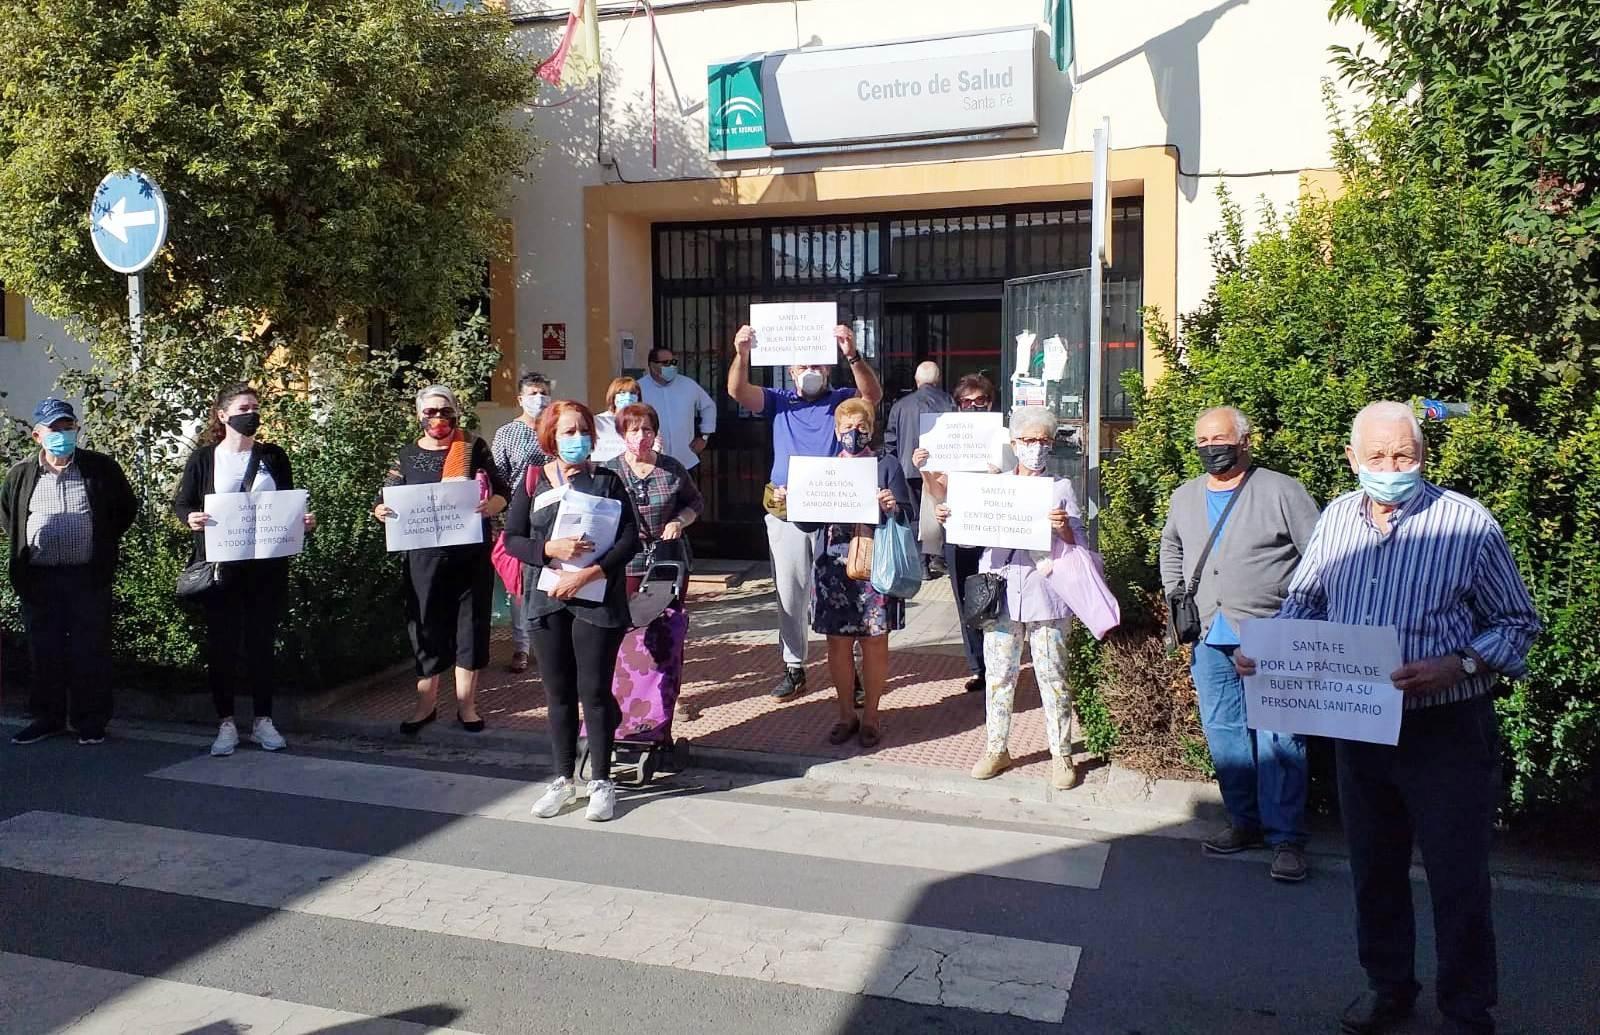 CCOO denuncia la falta de respuesta de las autoridades sanitarias a la petición de cese del director del centro de salud de Santa Fe